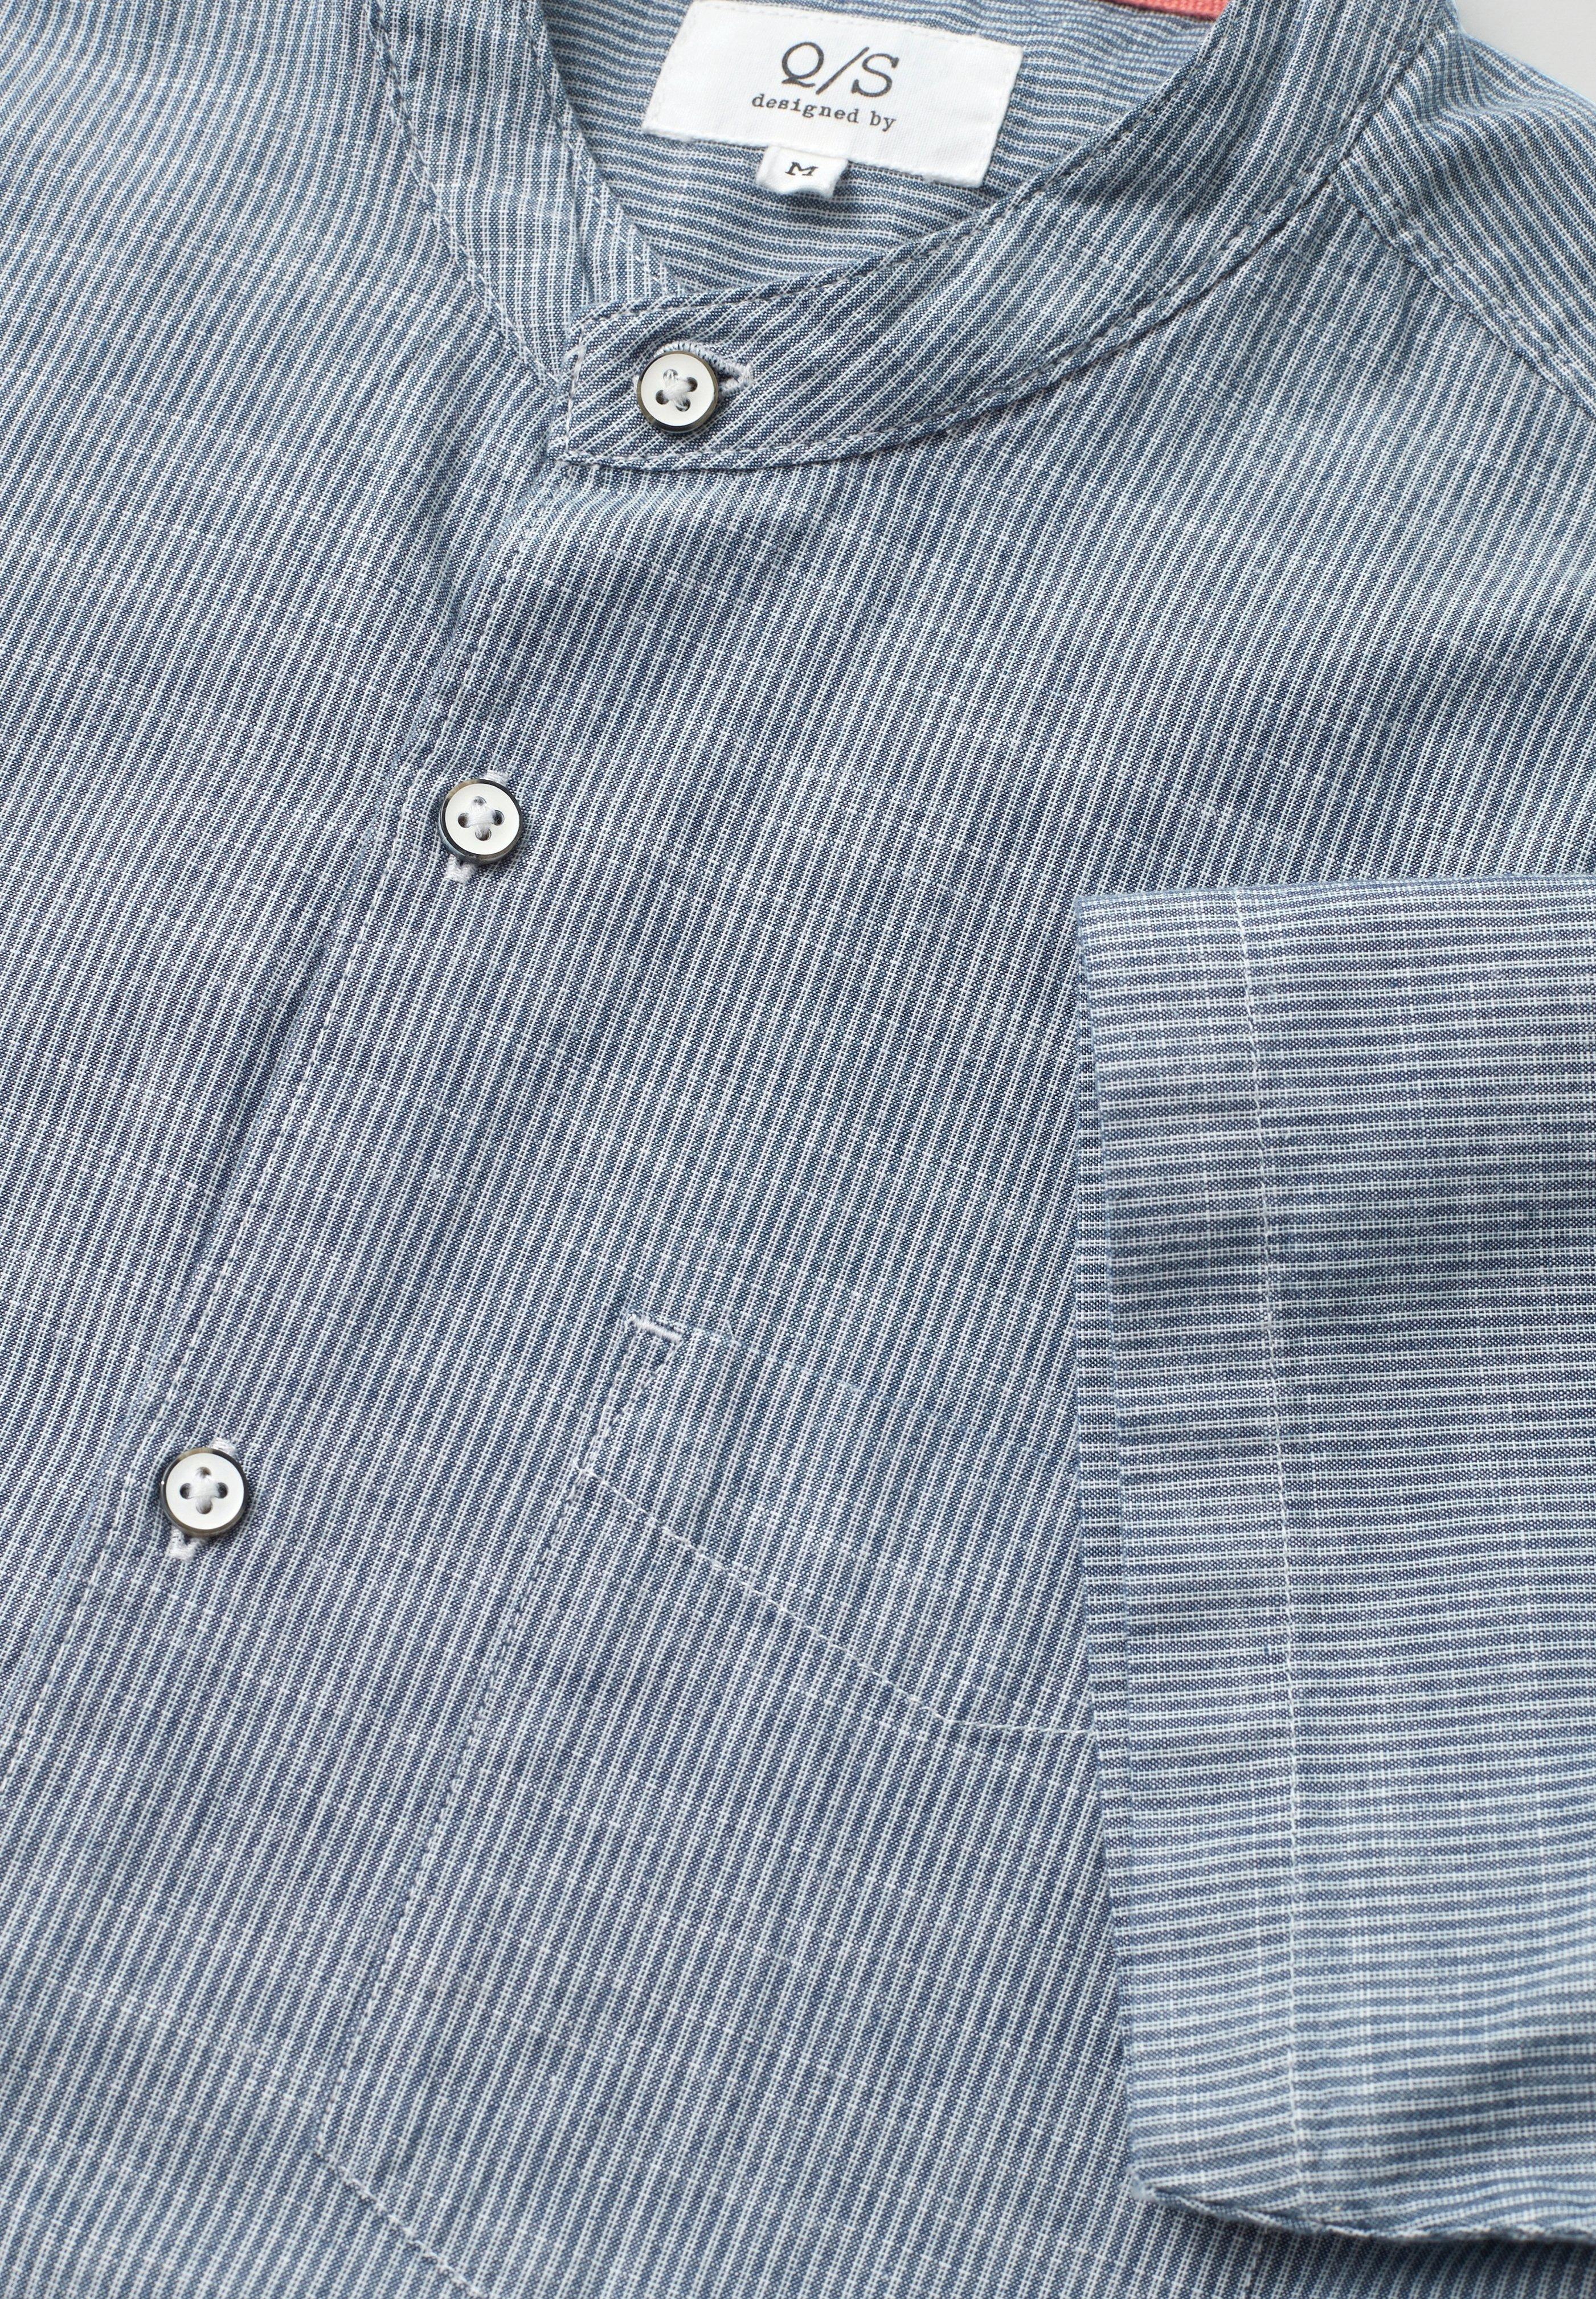 Vans Hemden: Sale bis zu −51% | Stylight